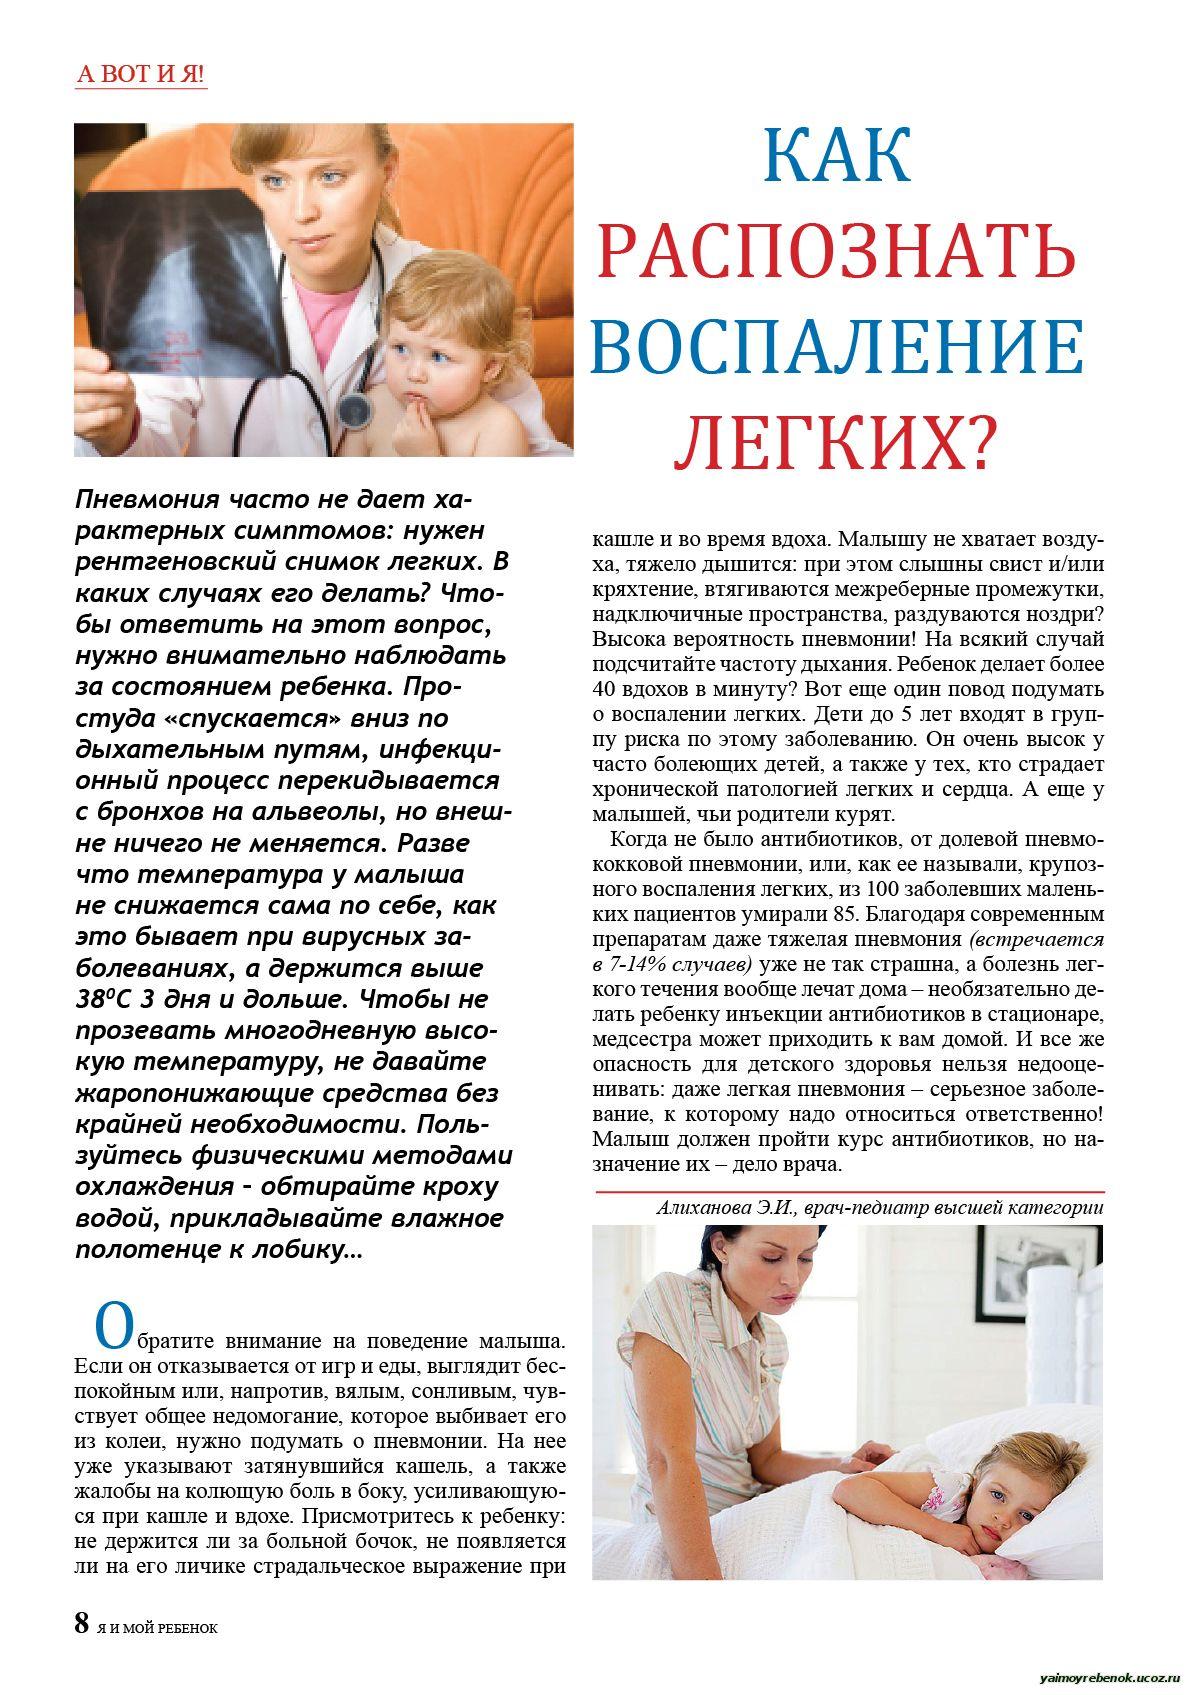 Пневмония (воспаление легких) у взрослых и у детей